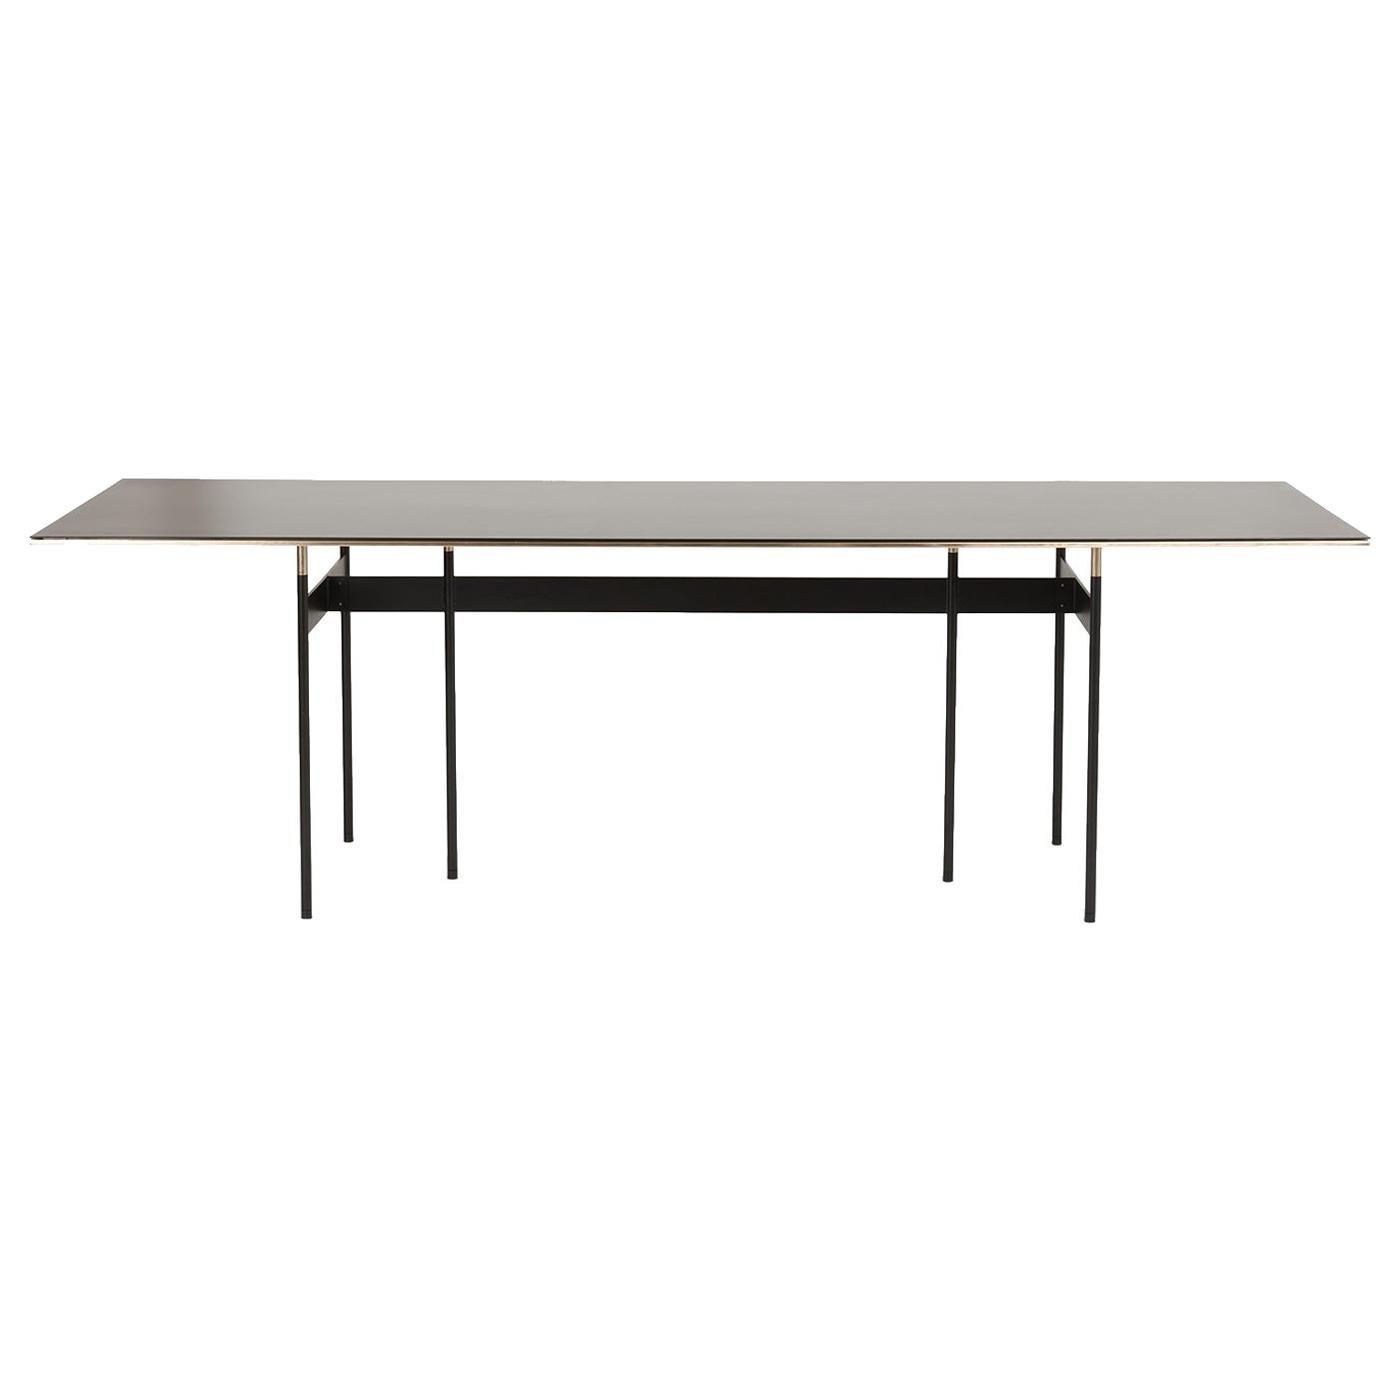 Tartan Table by Mingardo